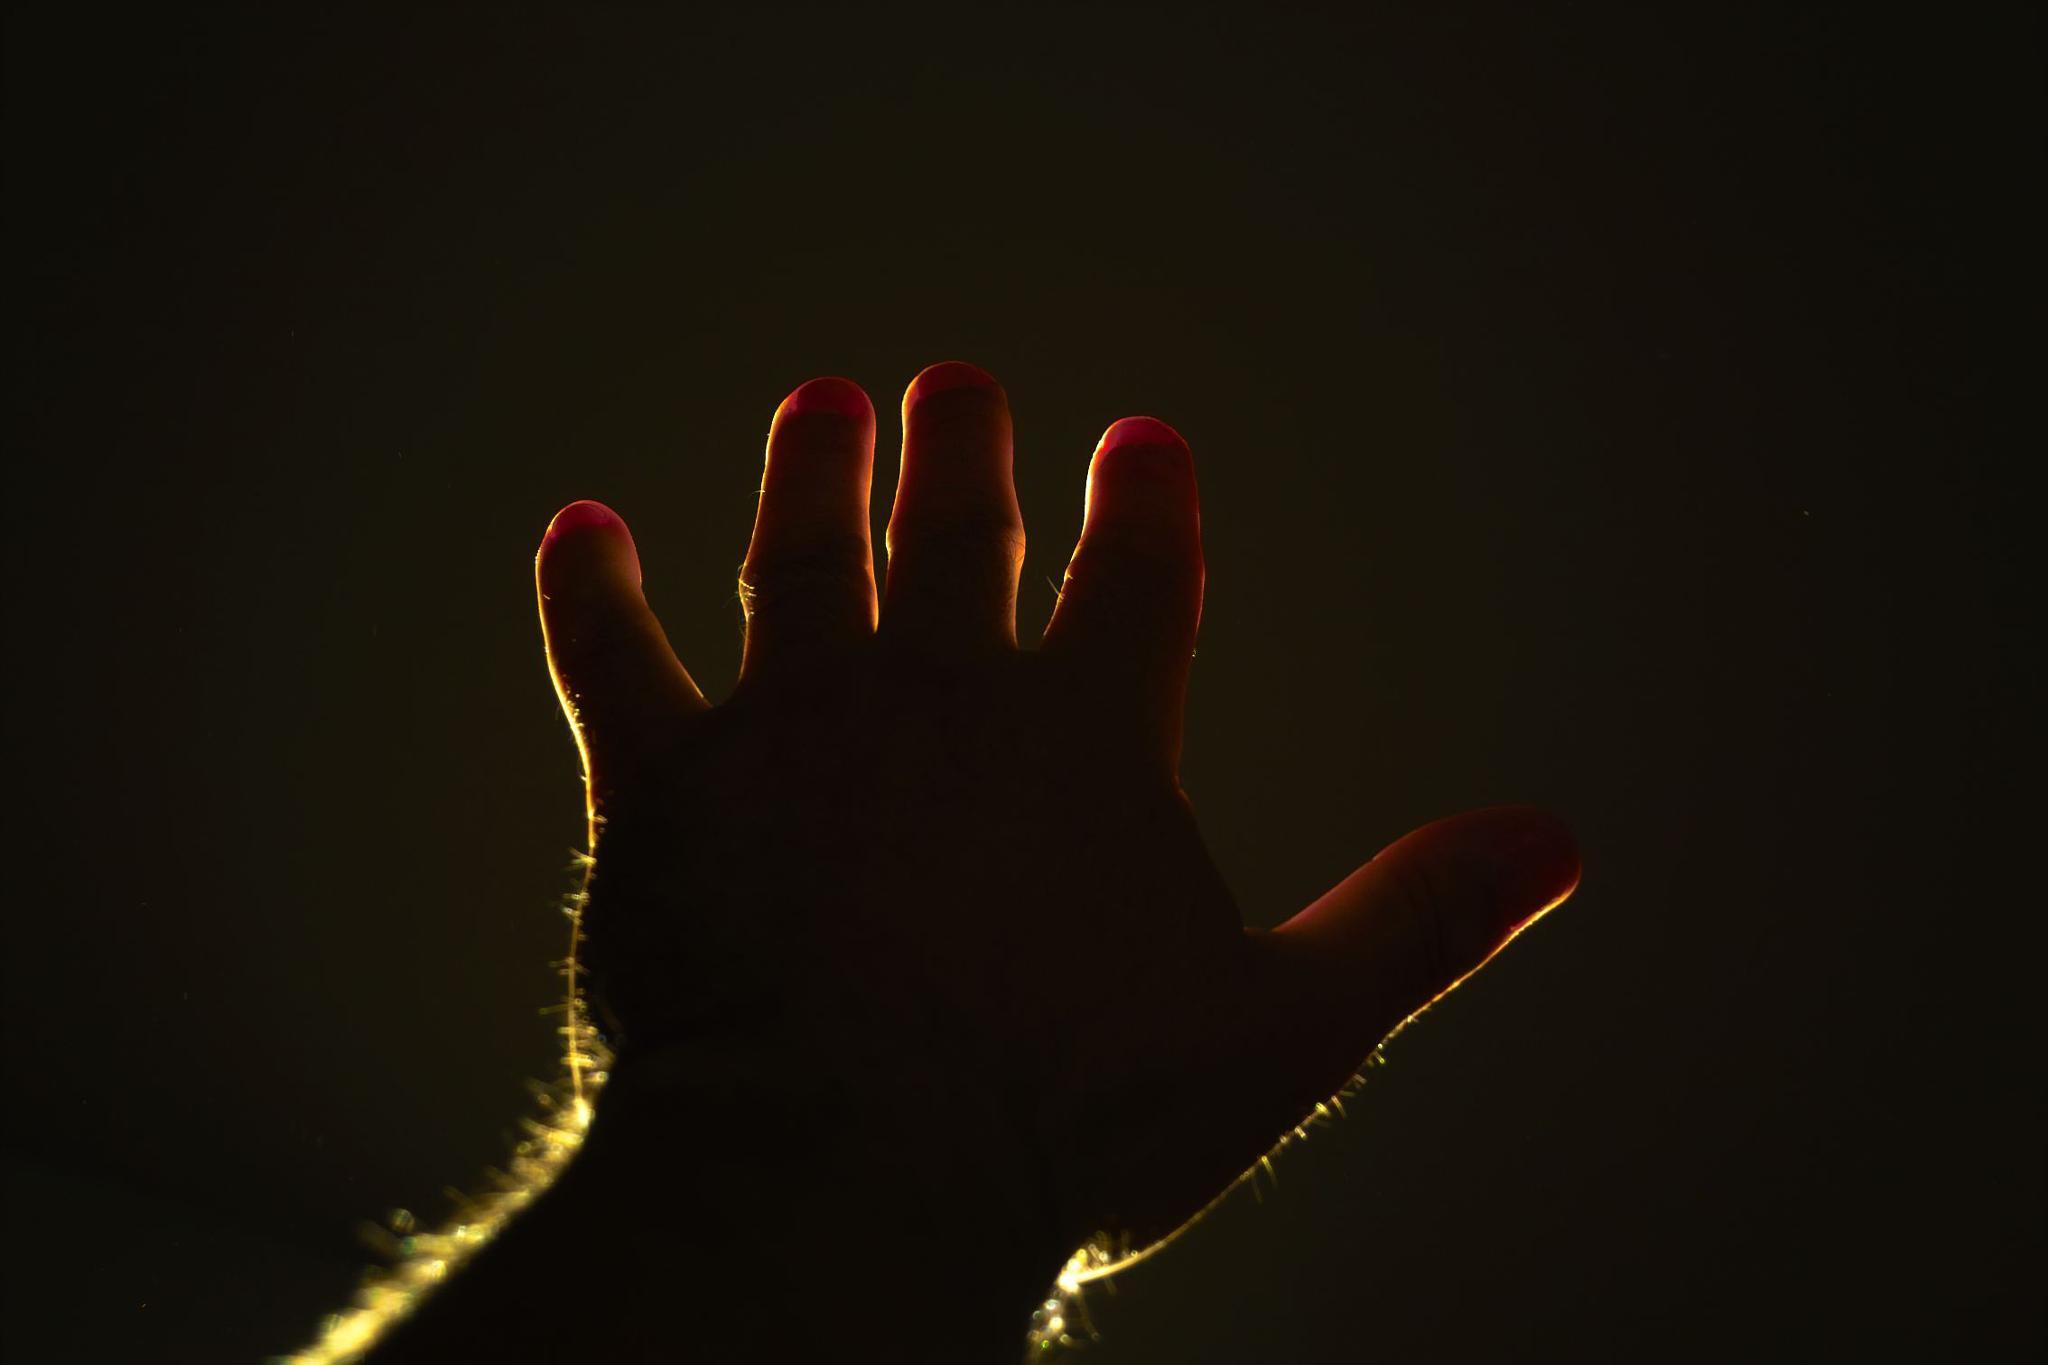 The Hand by munacra